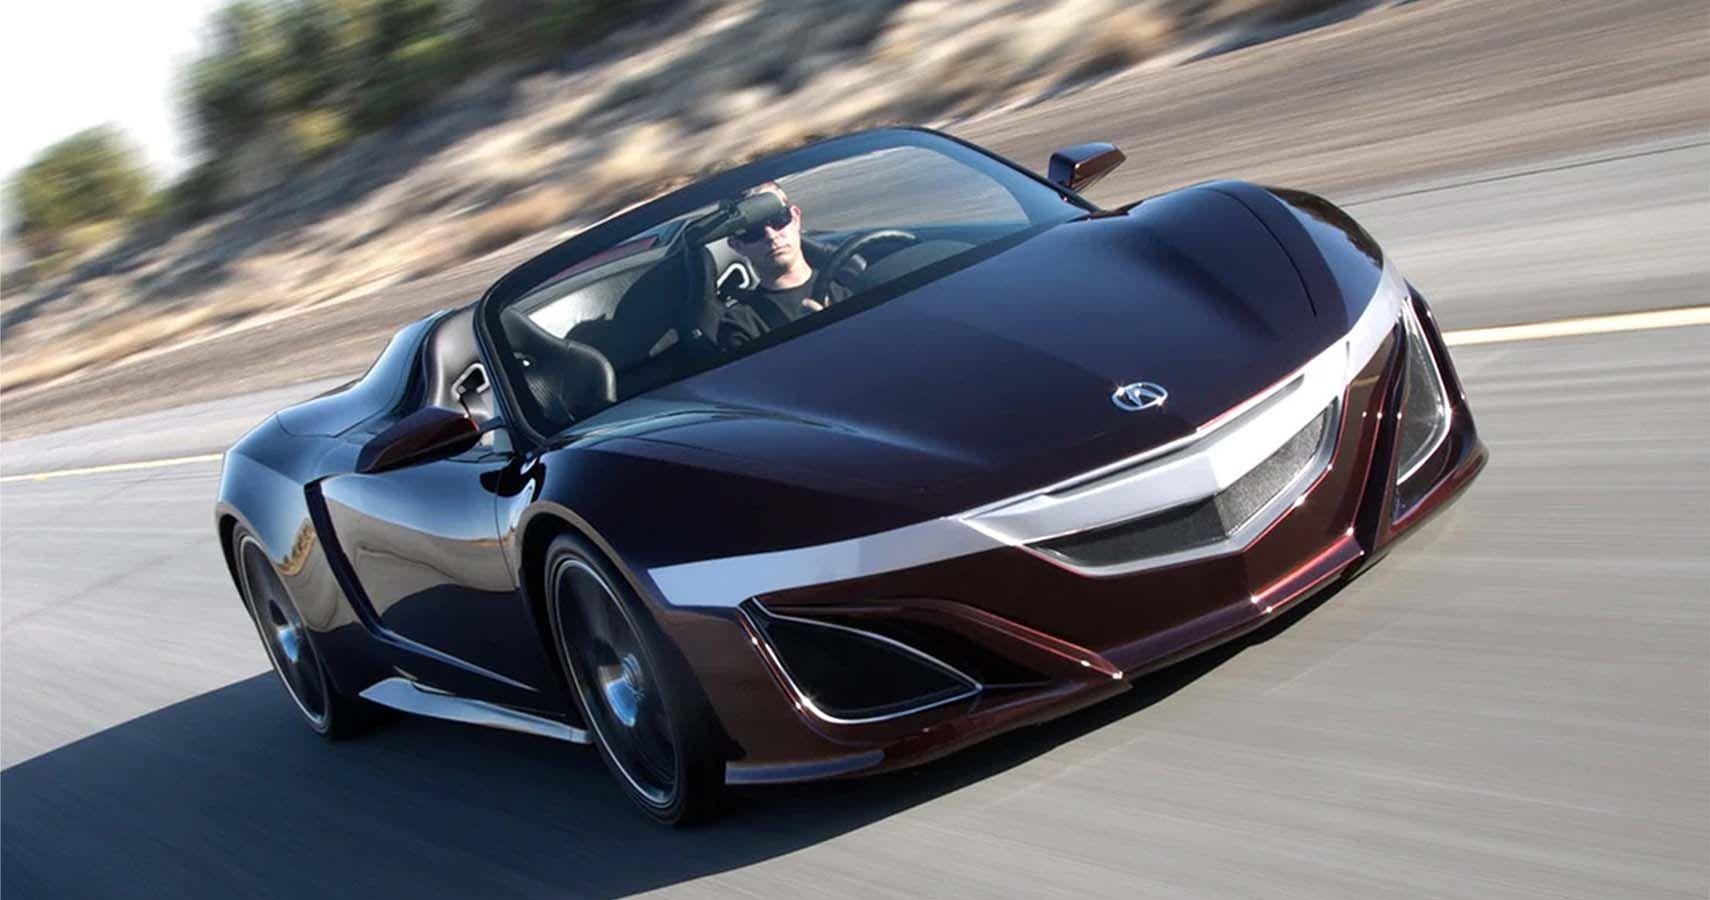 Robert Downey Junior's Insane Custom Acura: Here's What We Know